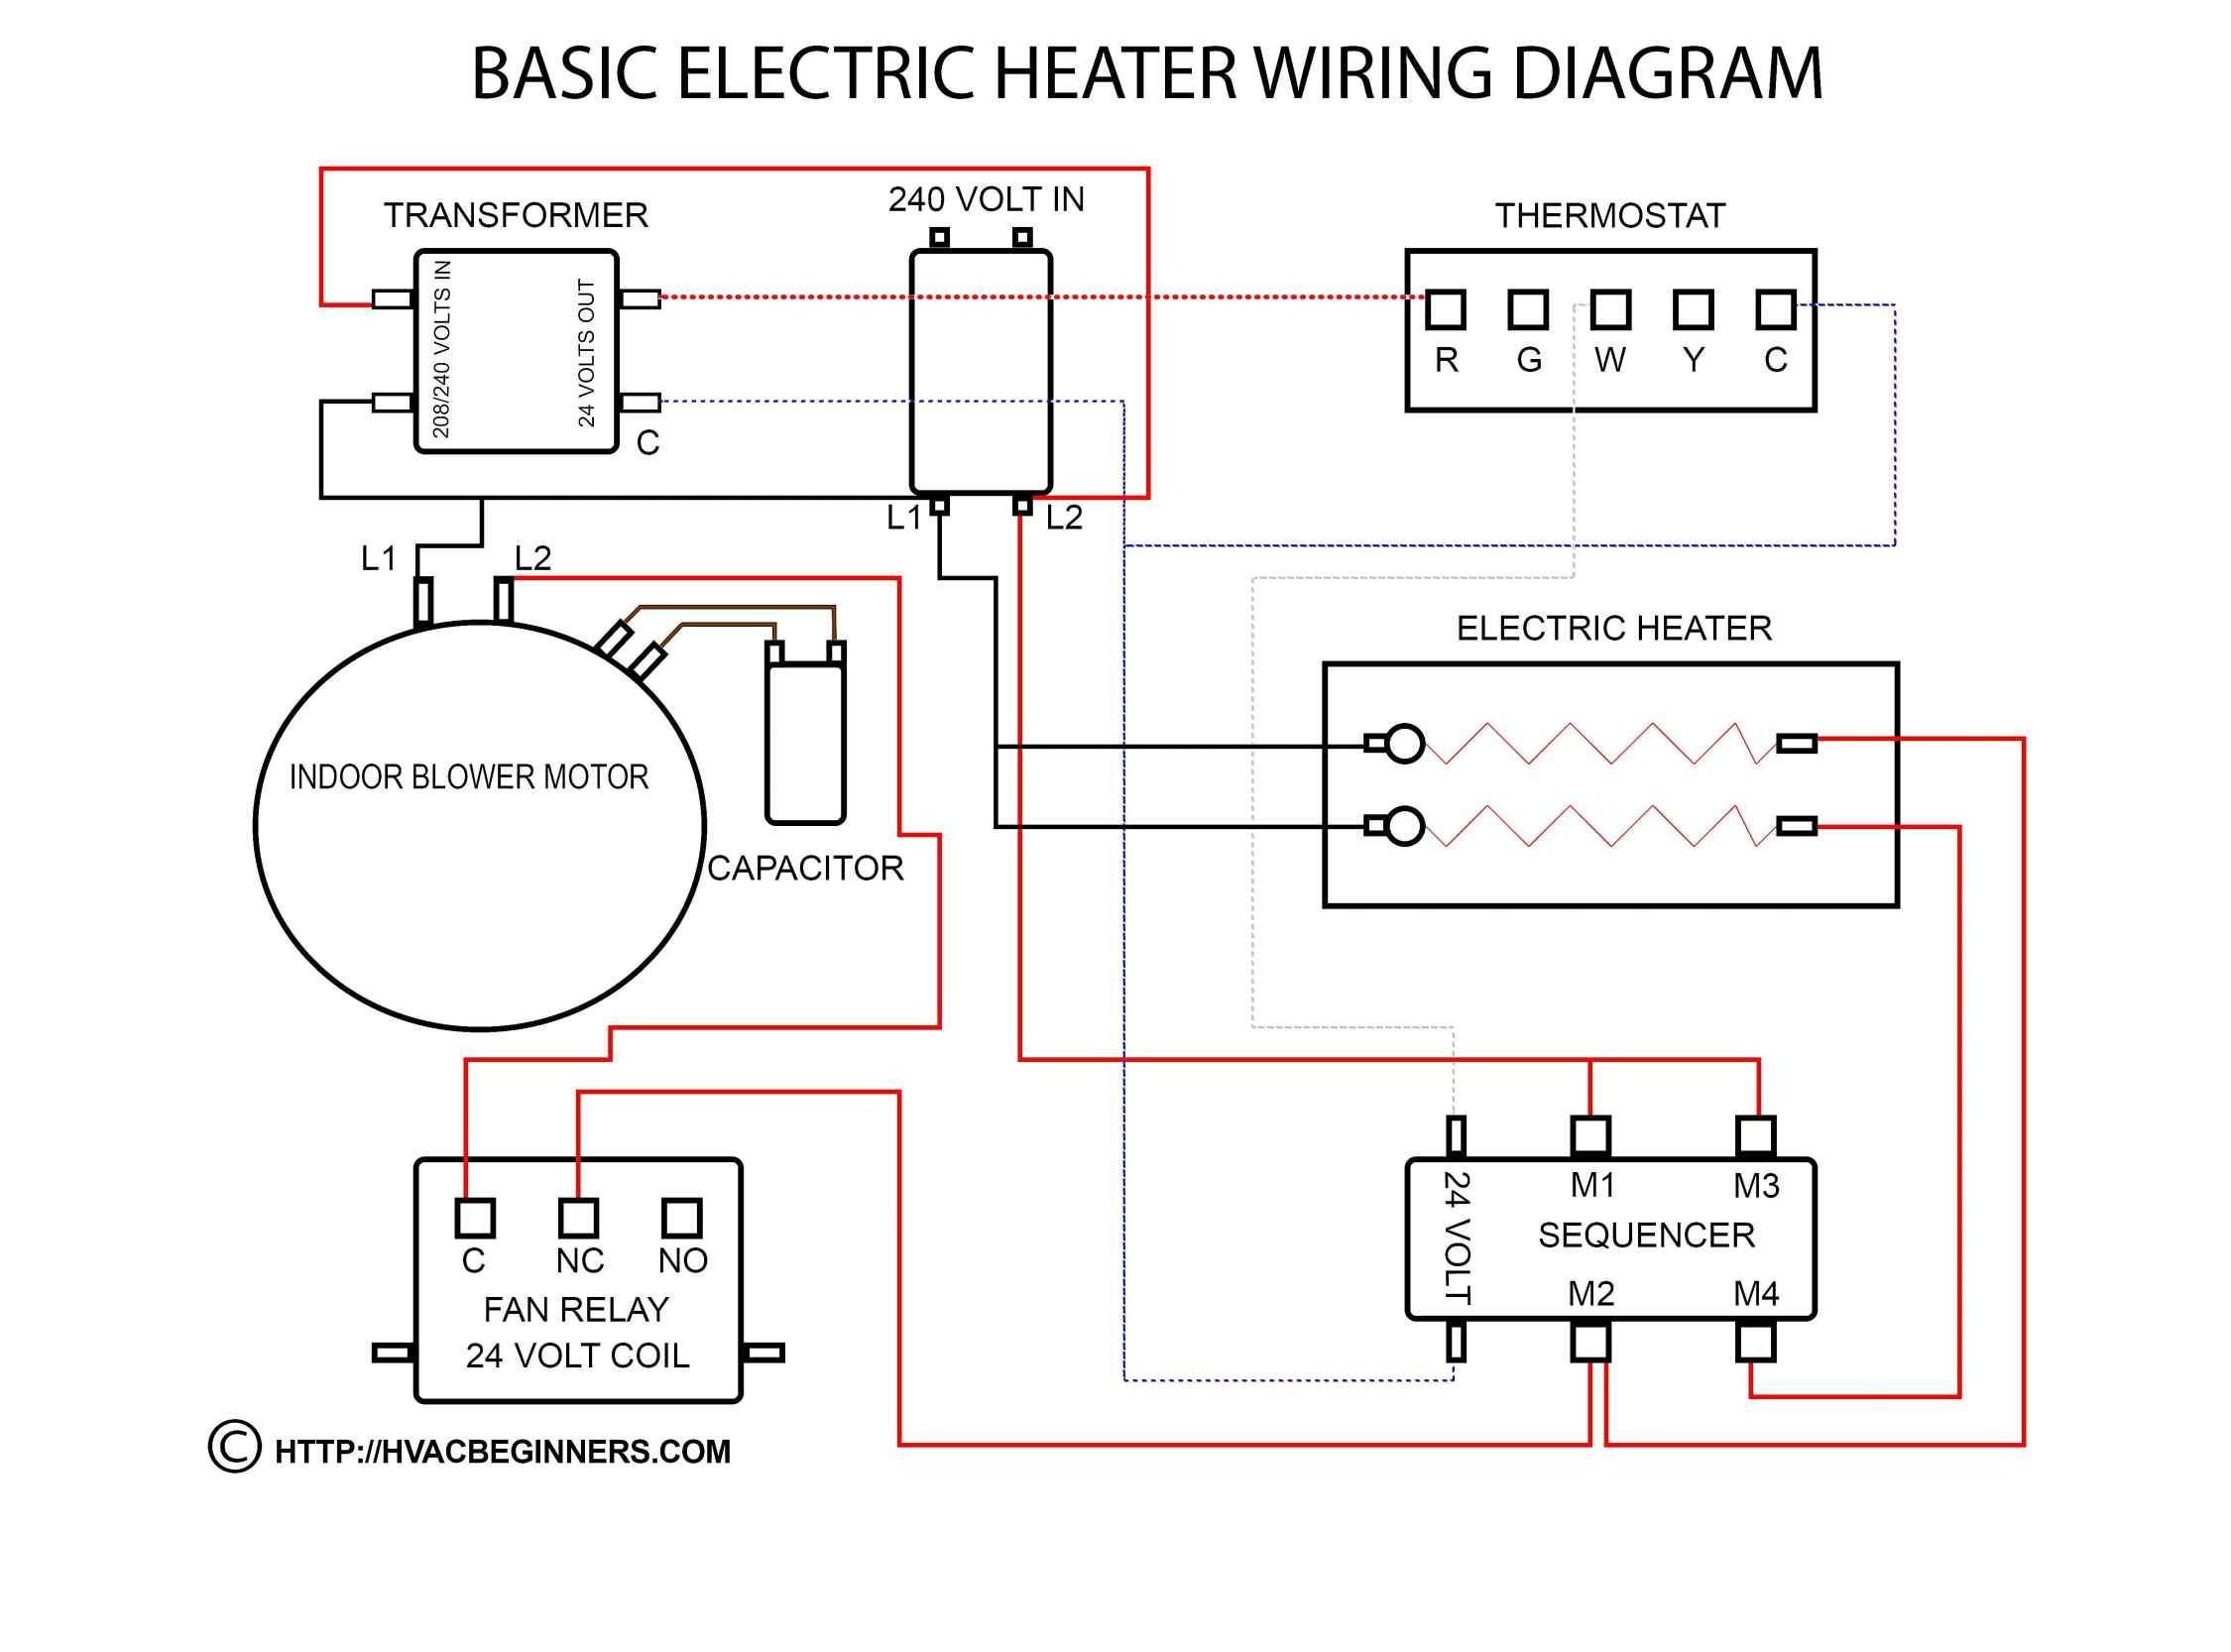 Hot Water Heater Wiring Schematic | Wiring Diagram - Water Heater Wiring Diagram Dual Element